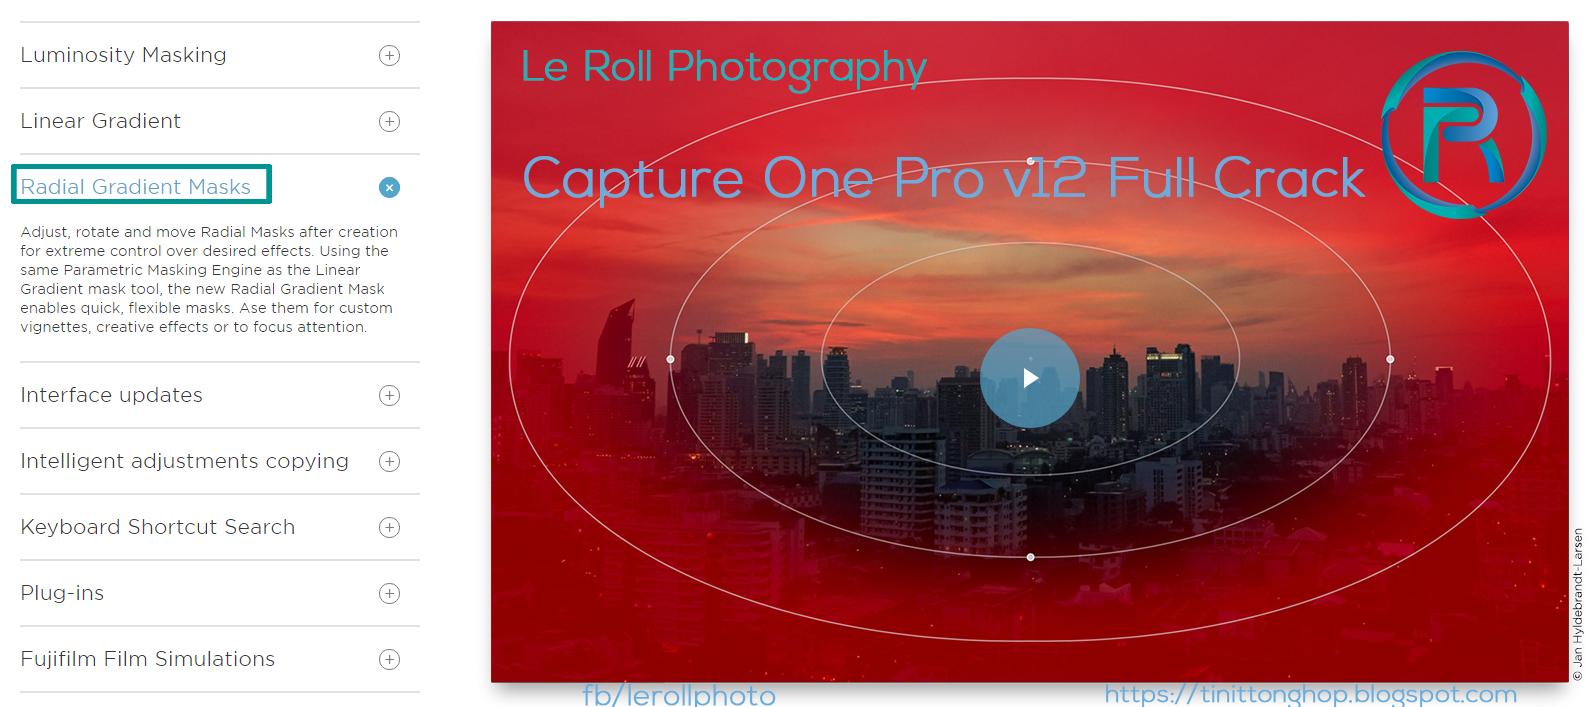 Capture One Pro v12 Full Crack - Phần Mềm Chỉnh Sửa Ảnh Đình